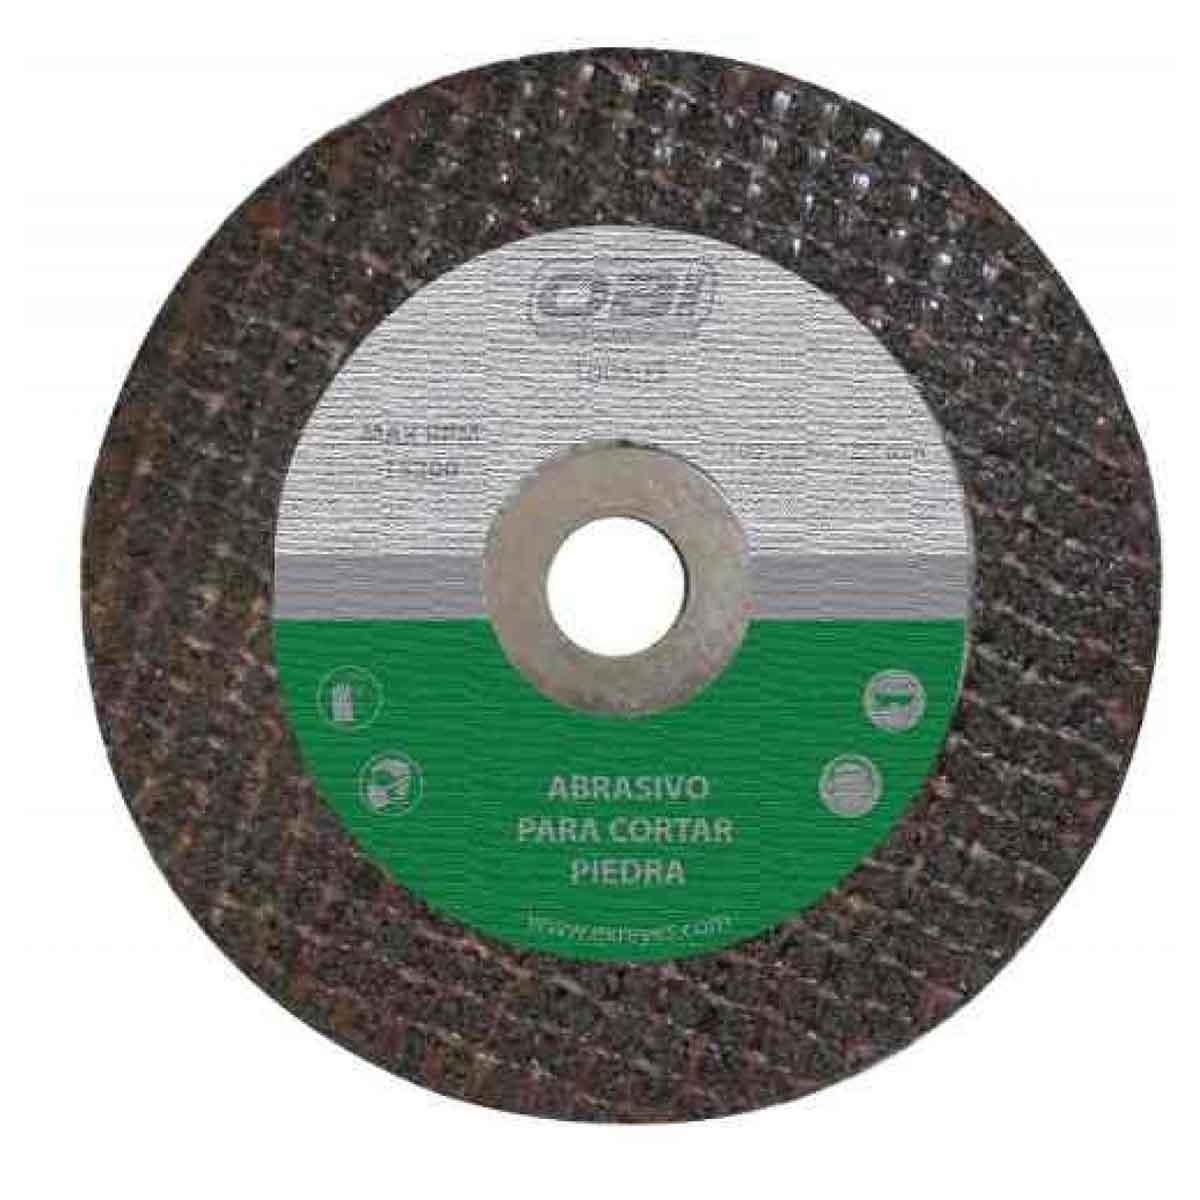 Abrasivo Piedra 105 Y 3,2 Y 12,7 Mm Corte Obi